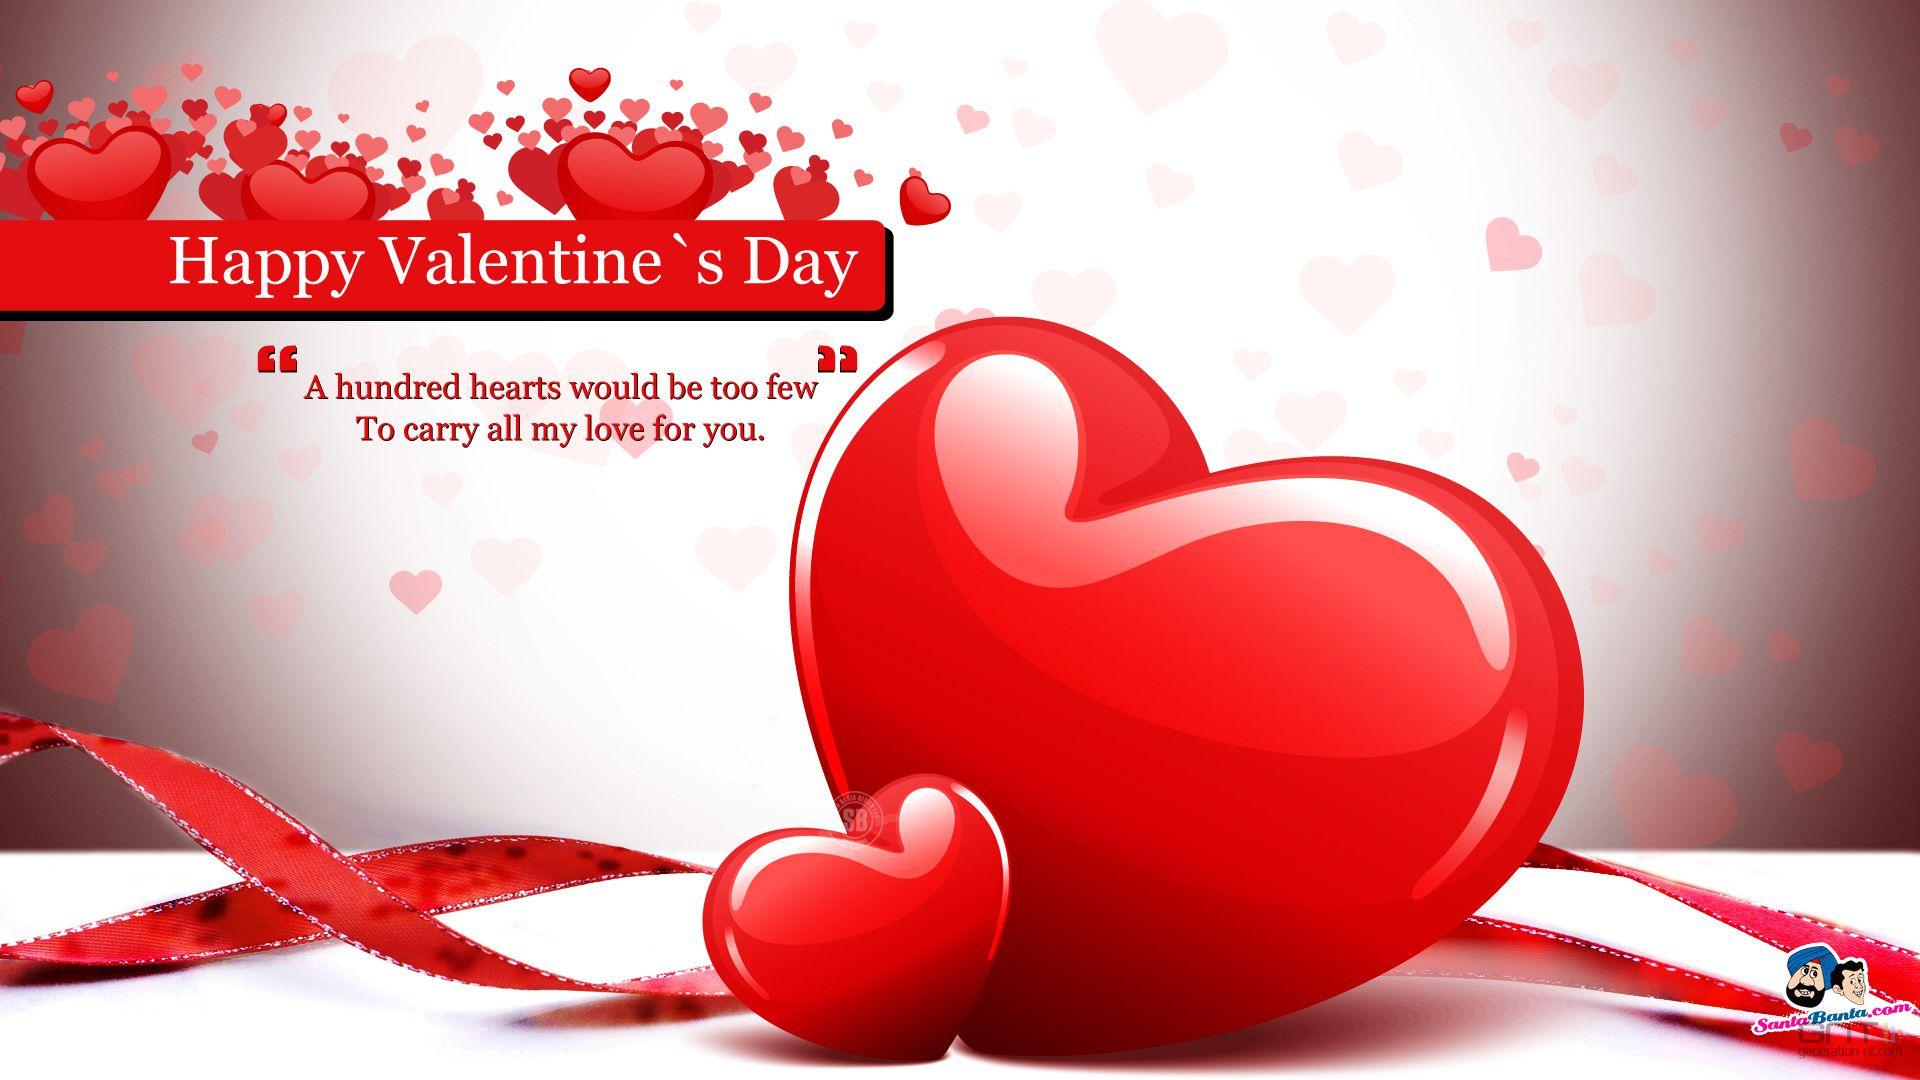 Image fond d cran saint valentin - Message original saint valentin ...